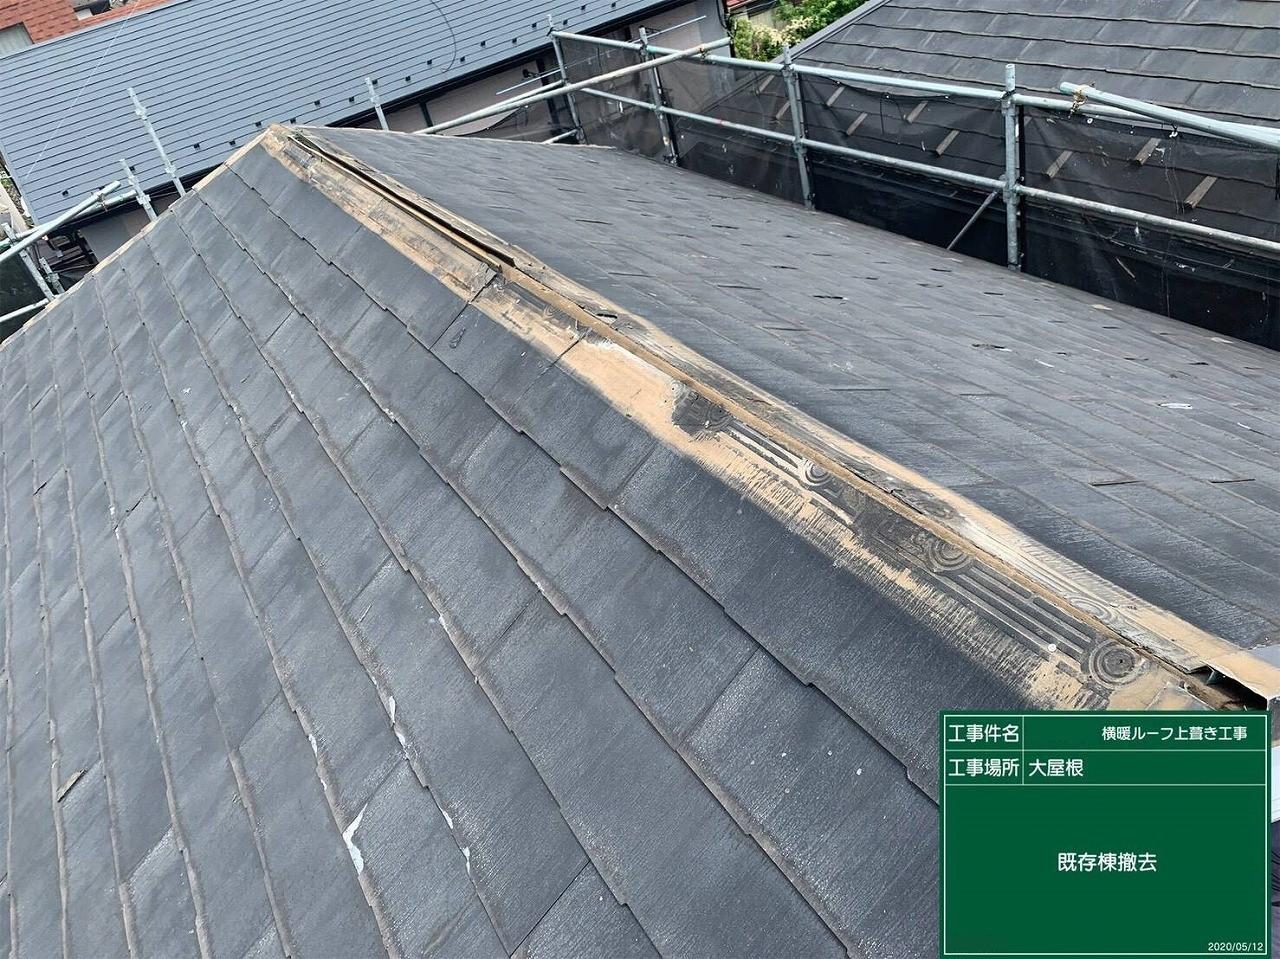 屋根工事施工写真 (15)HP